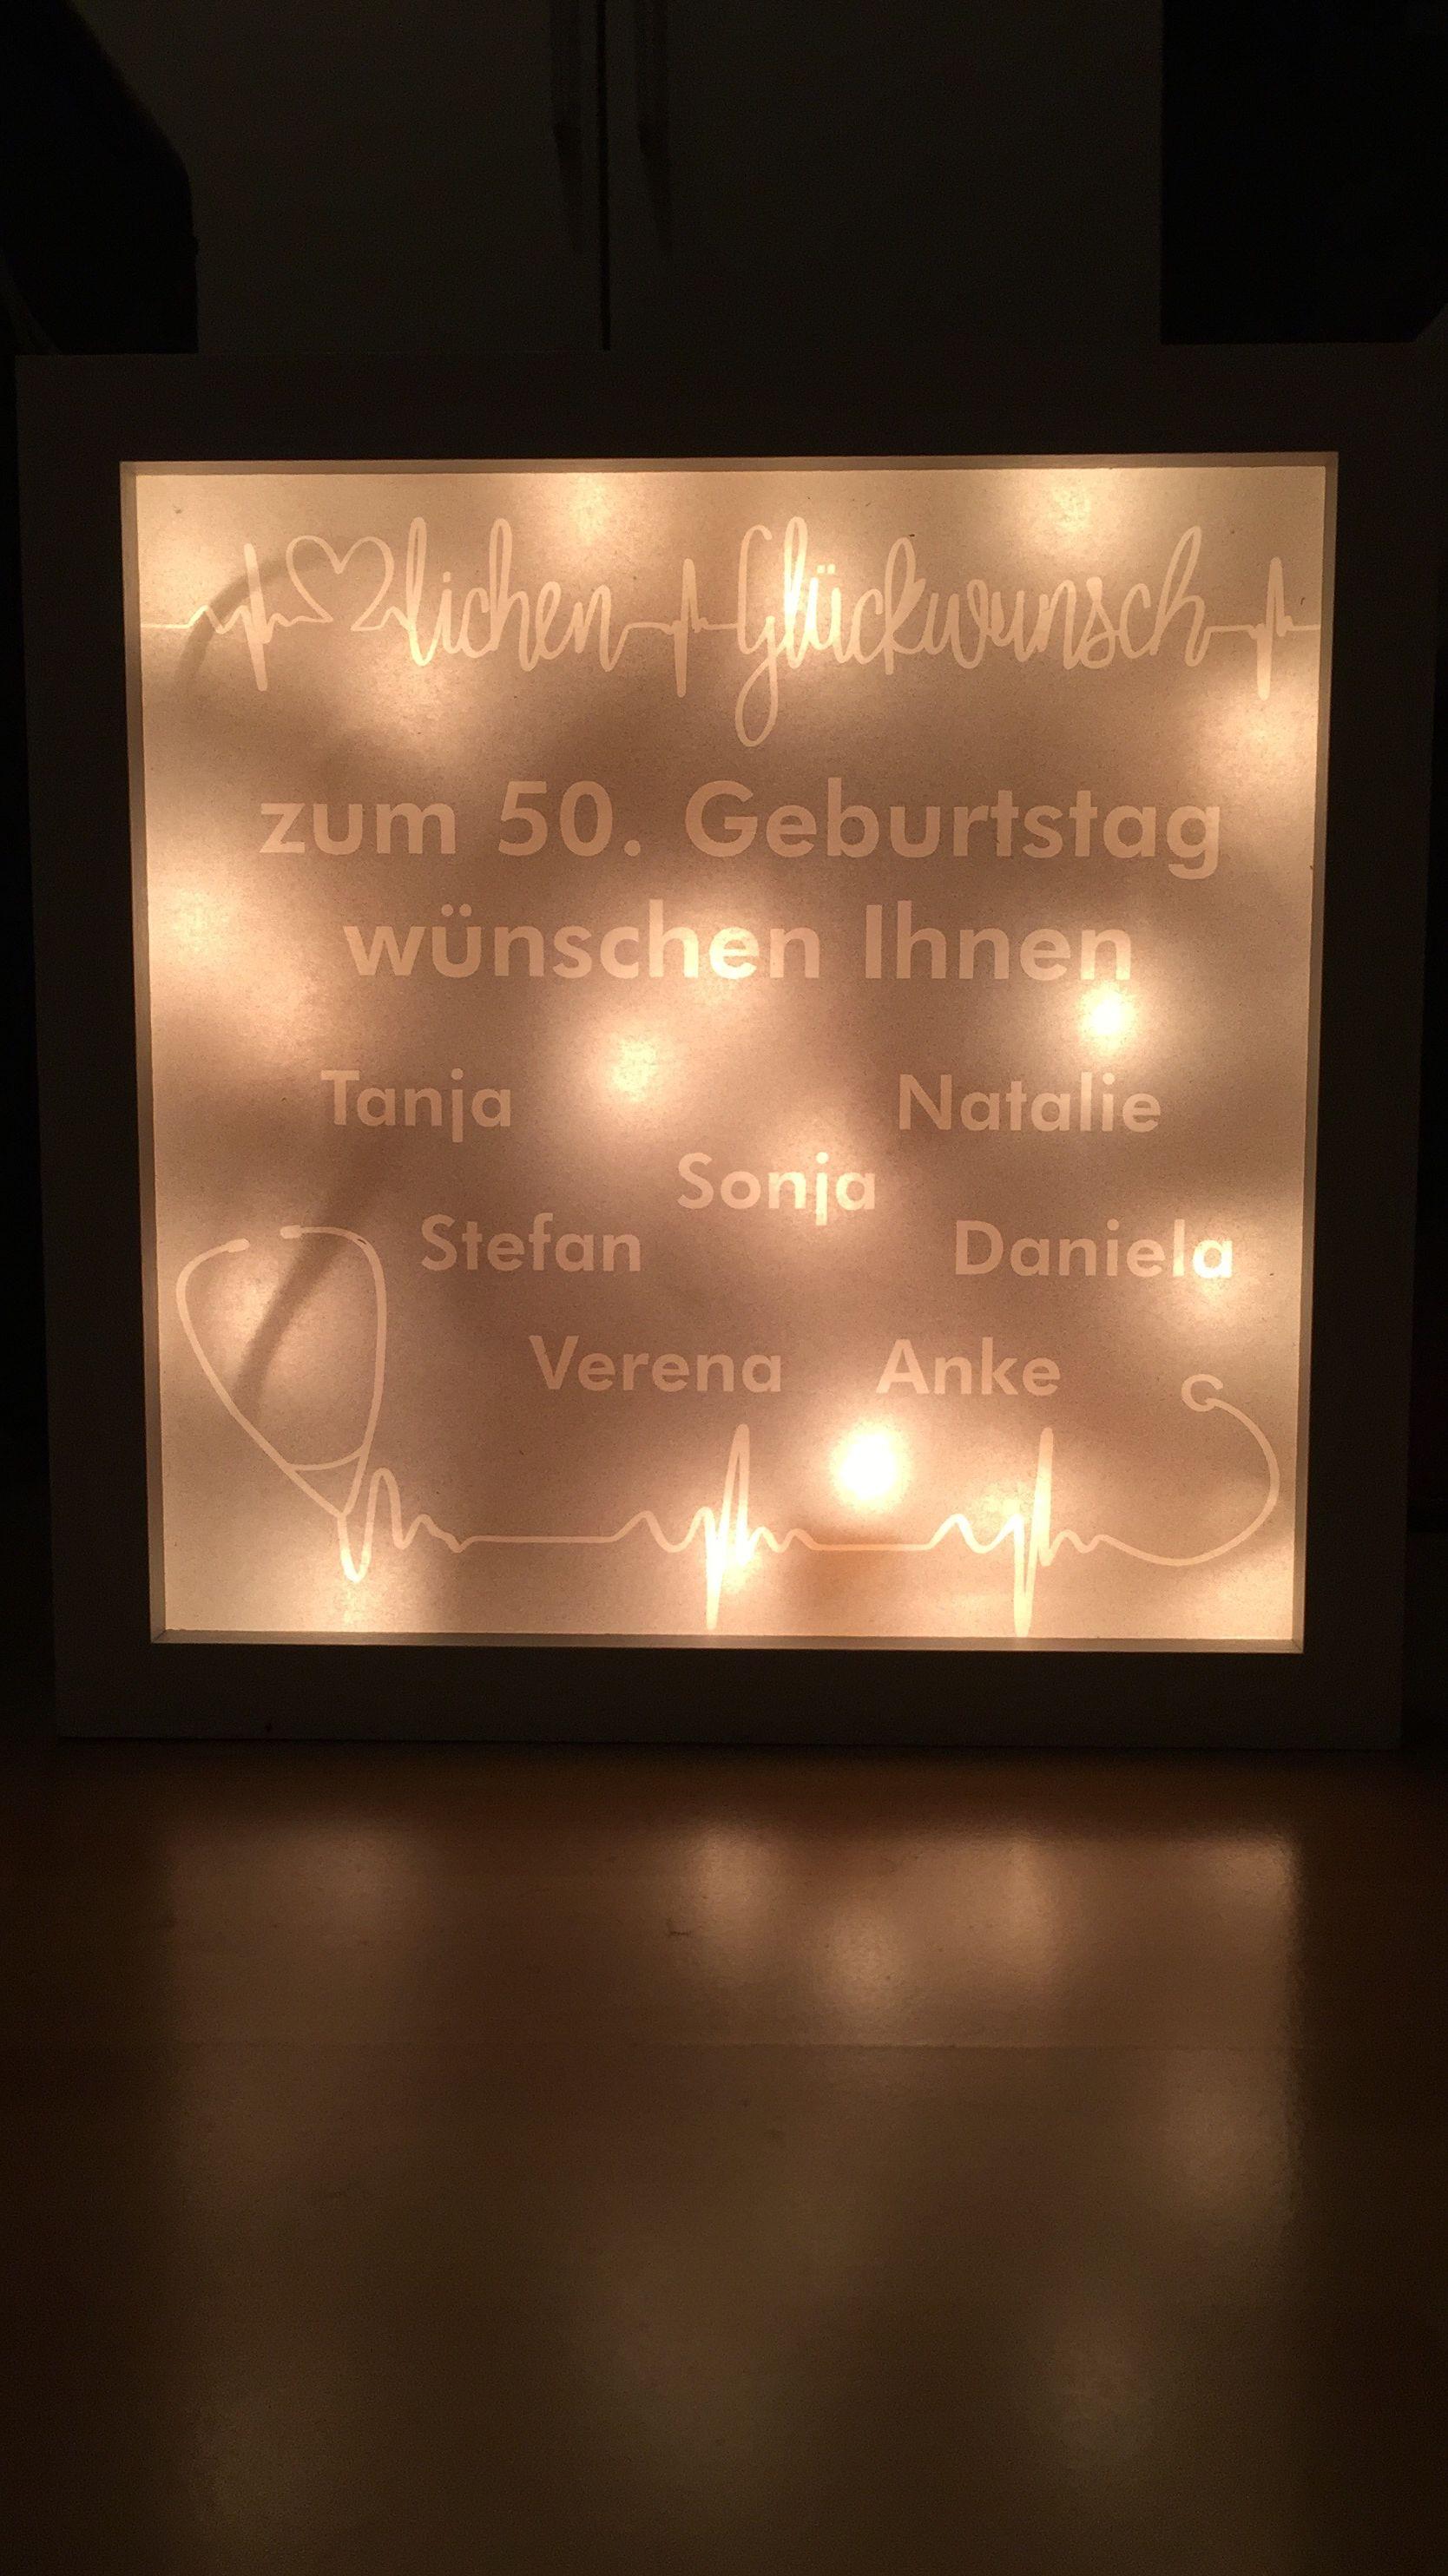 Beleuchteter Bilderrahmen Geburtstagsgeschenk Zum 50 Geburtstag Beleuchteter Bilderrahmen Bilderrahmen Geburtstag